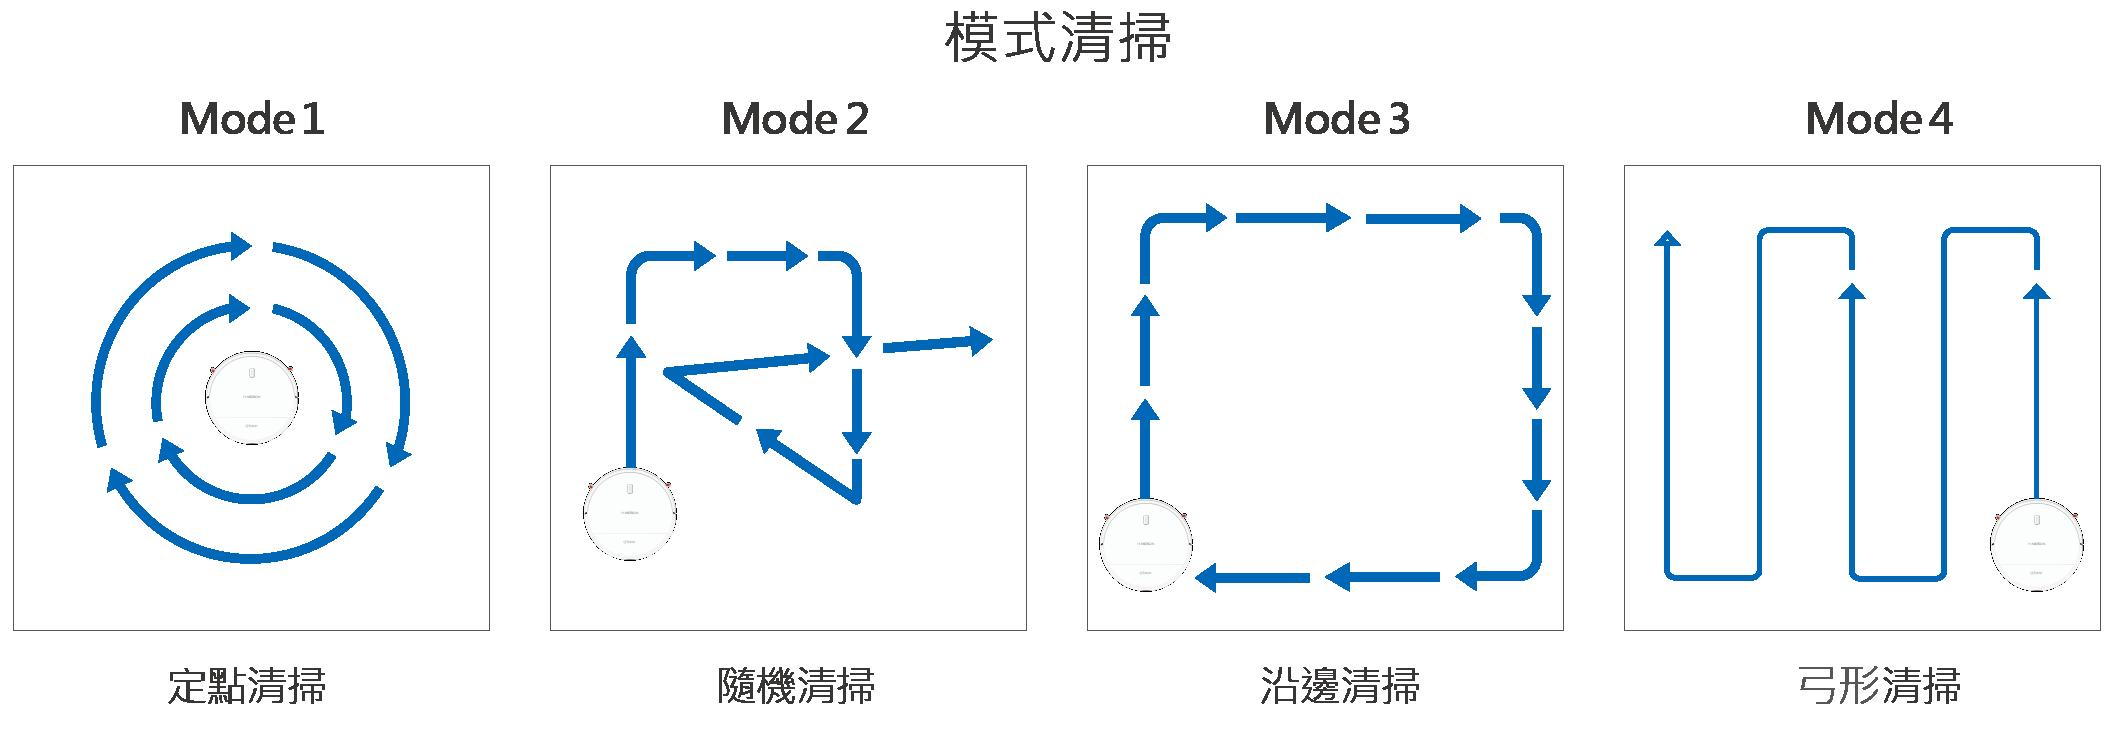 H210M2-05